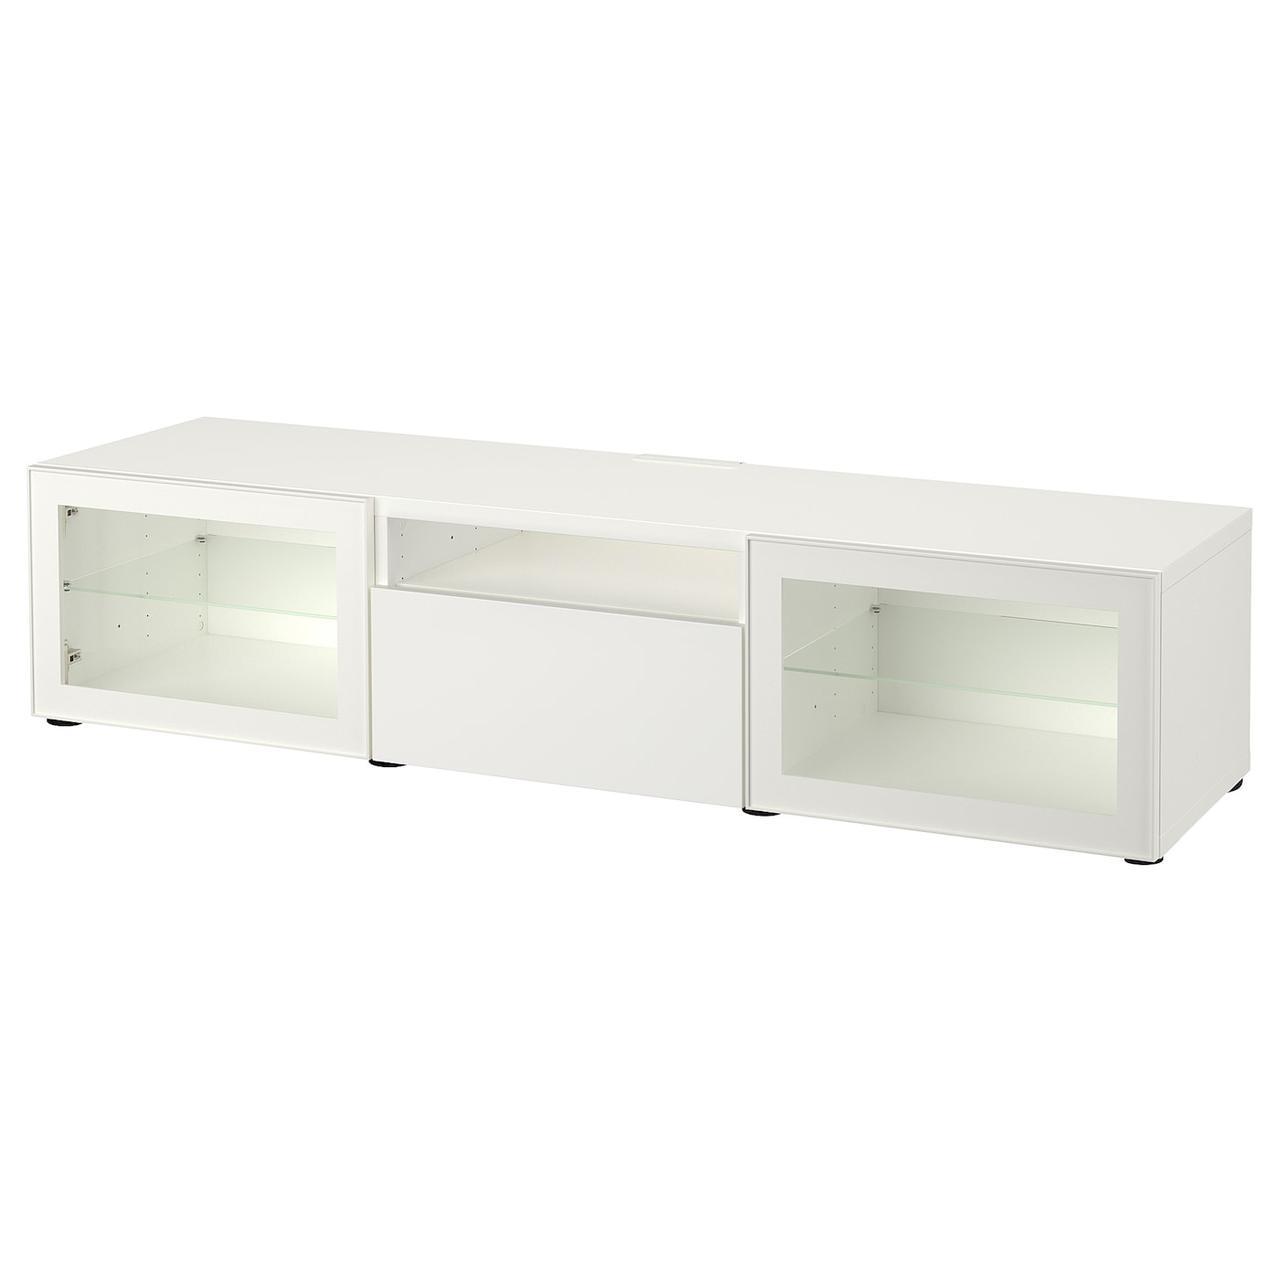 IKEA BESTA Тумба под телевизор 180x42x39 см (993.244.68), фото 1